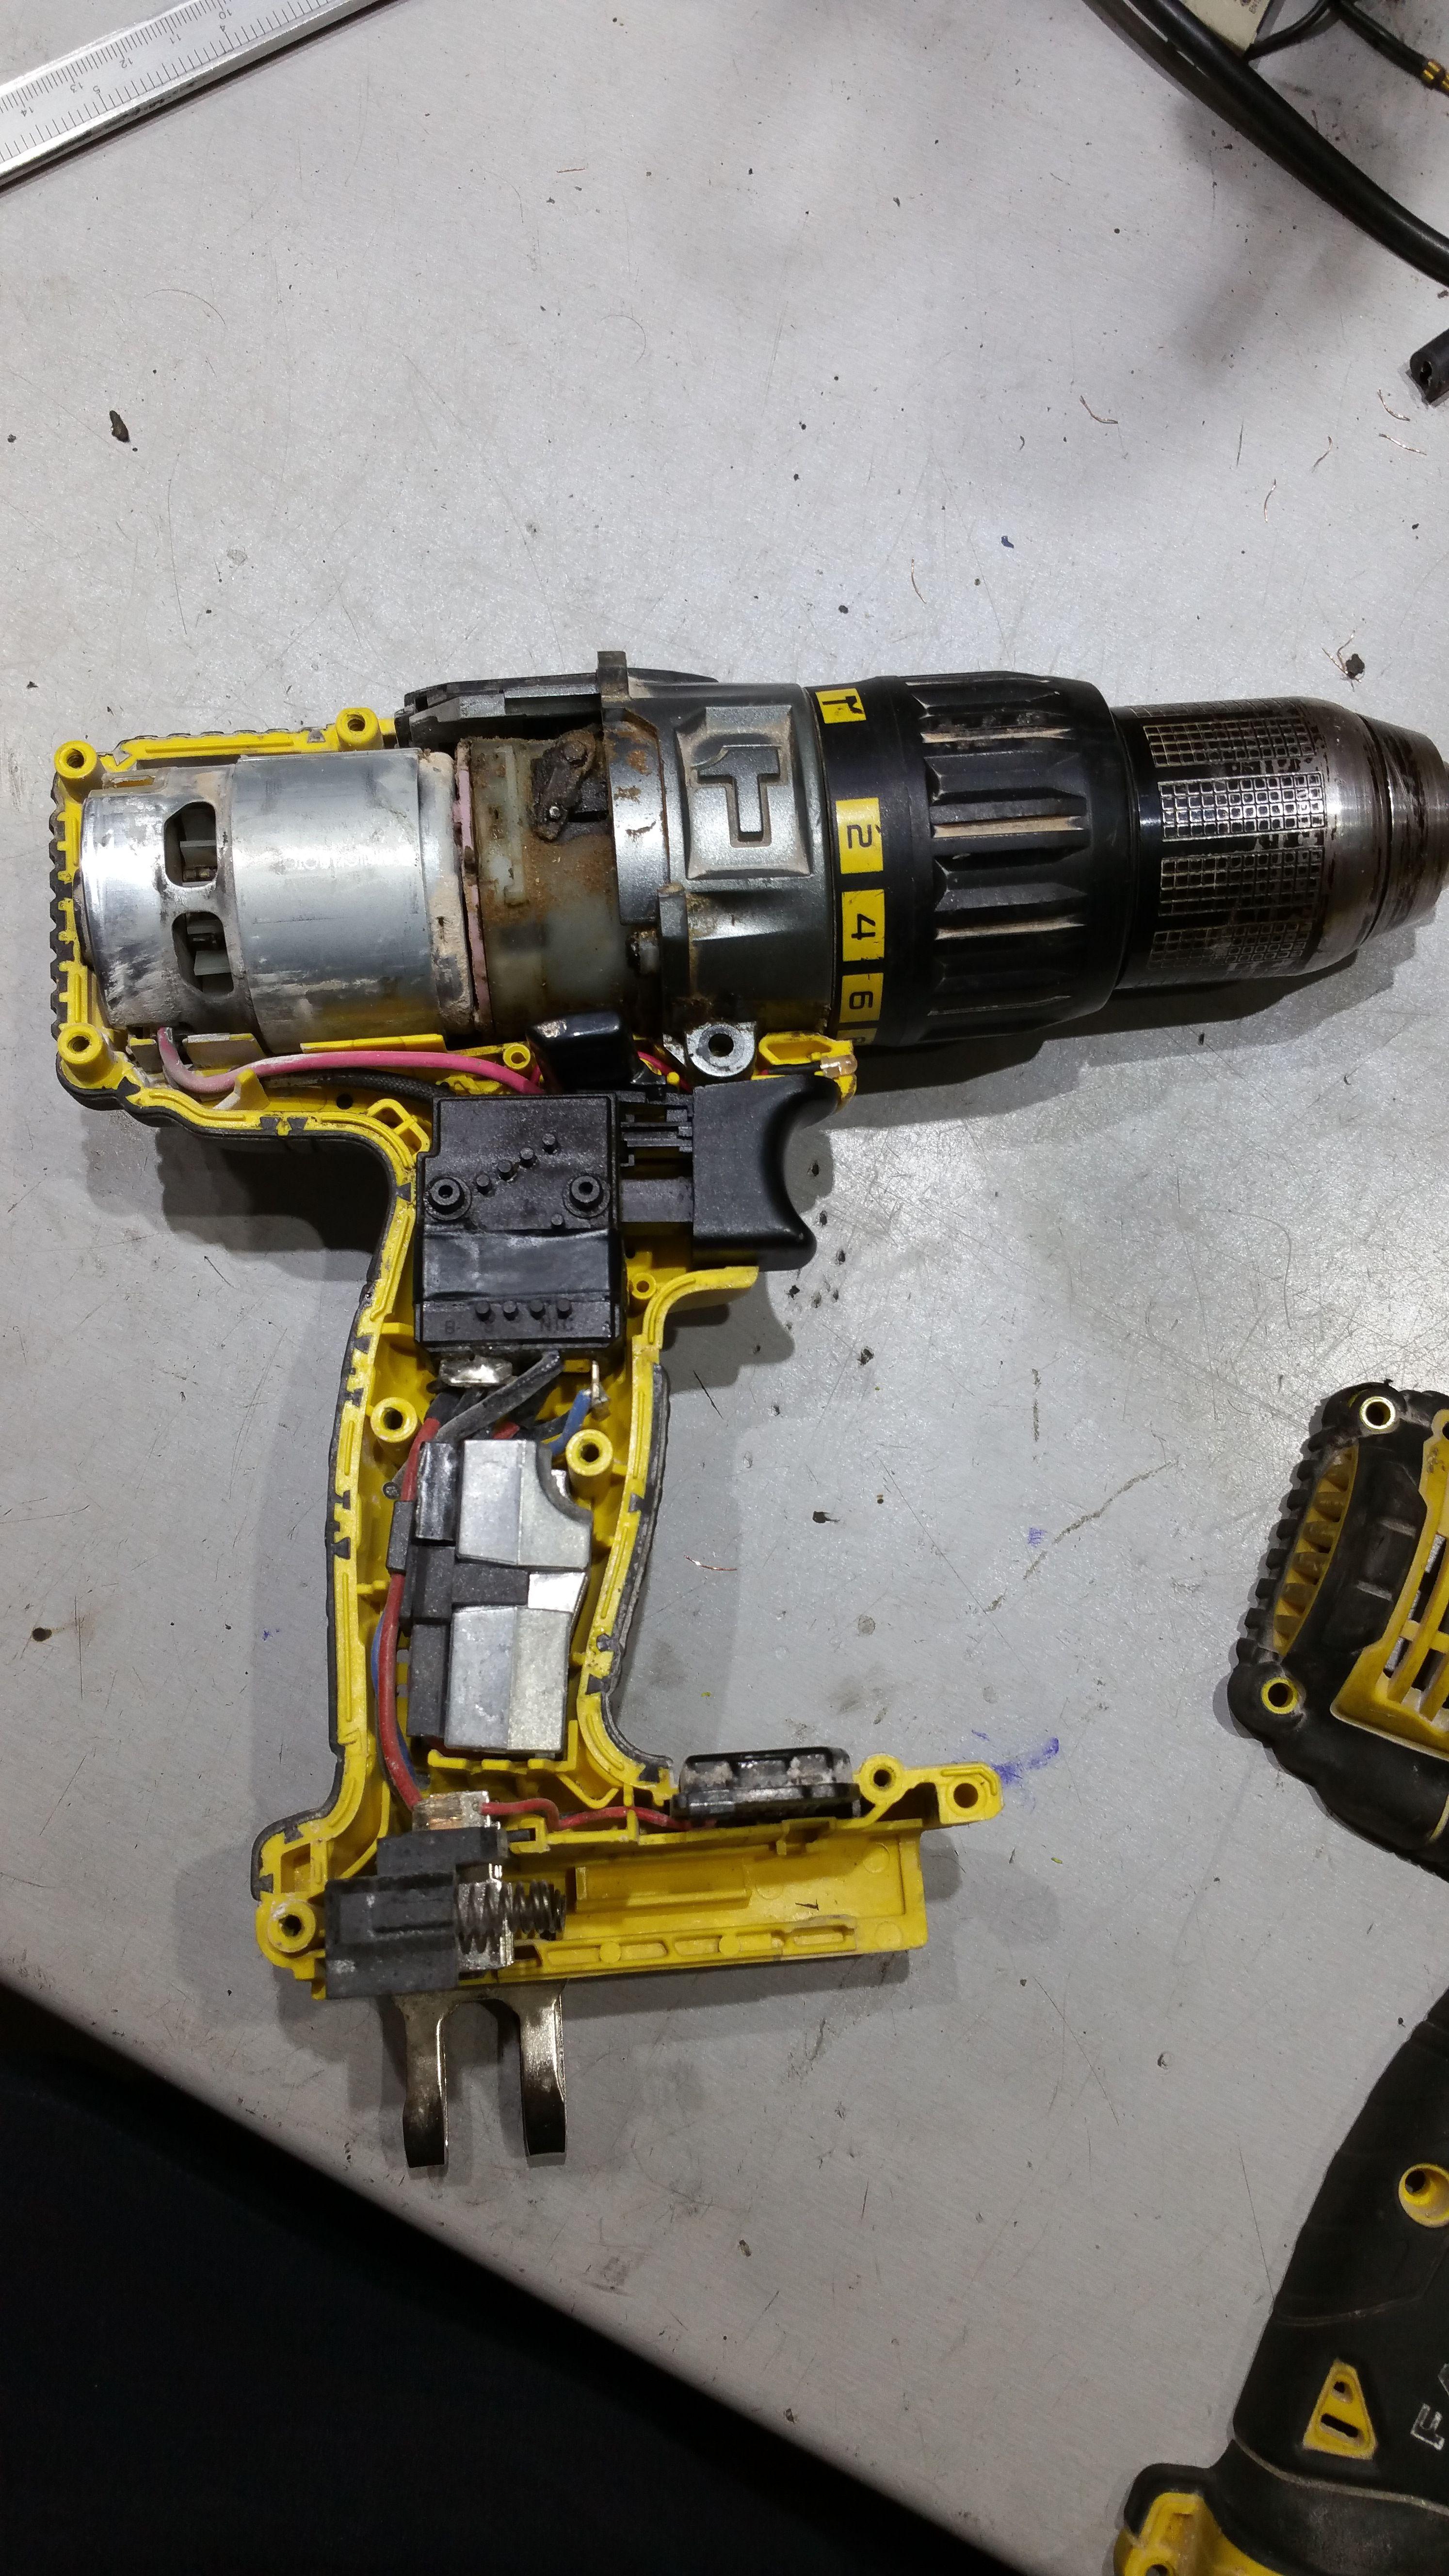 Vista interna de un taladro de batería Dewalt Power Tool Accessories,  Electrical Engineering, Motor